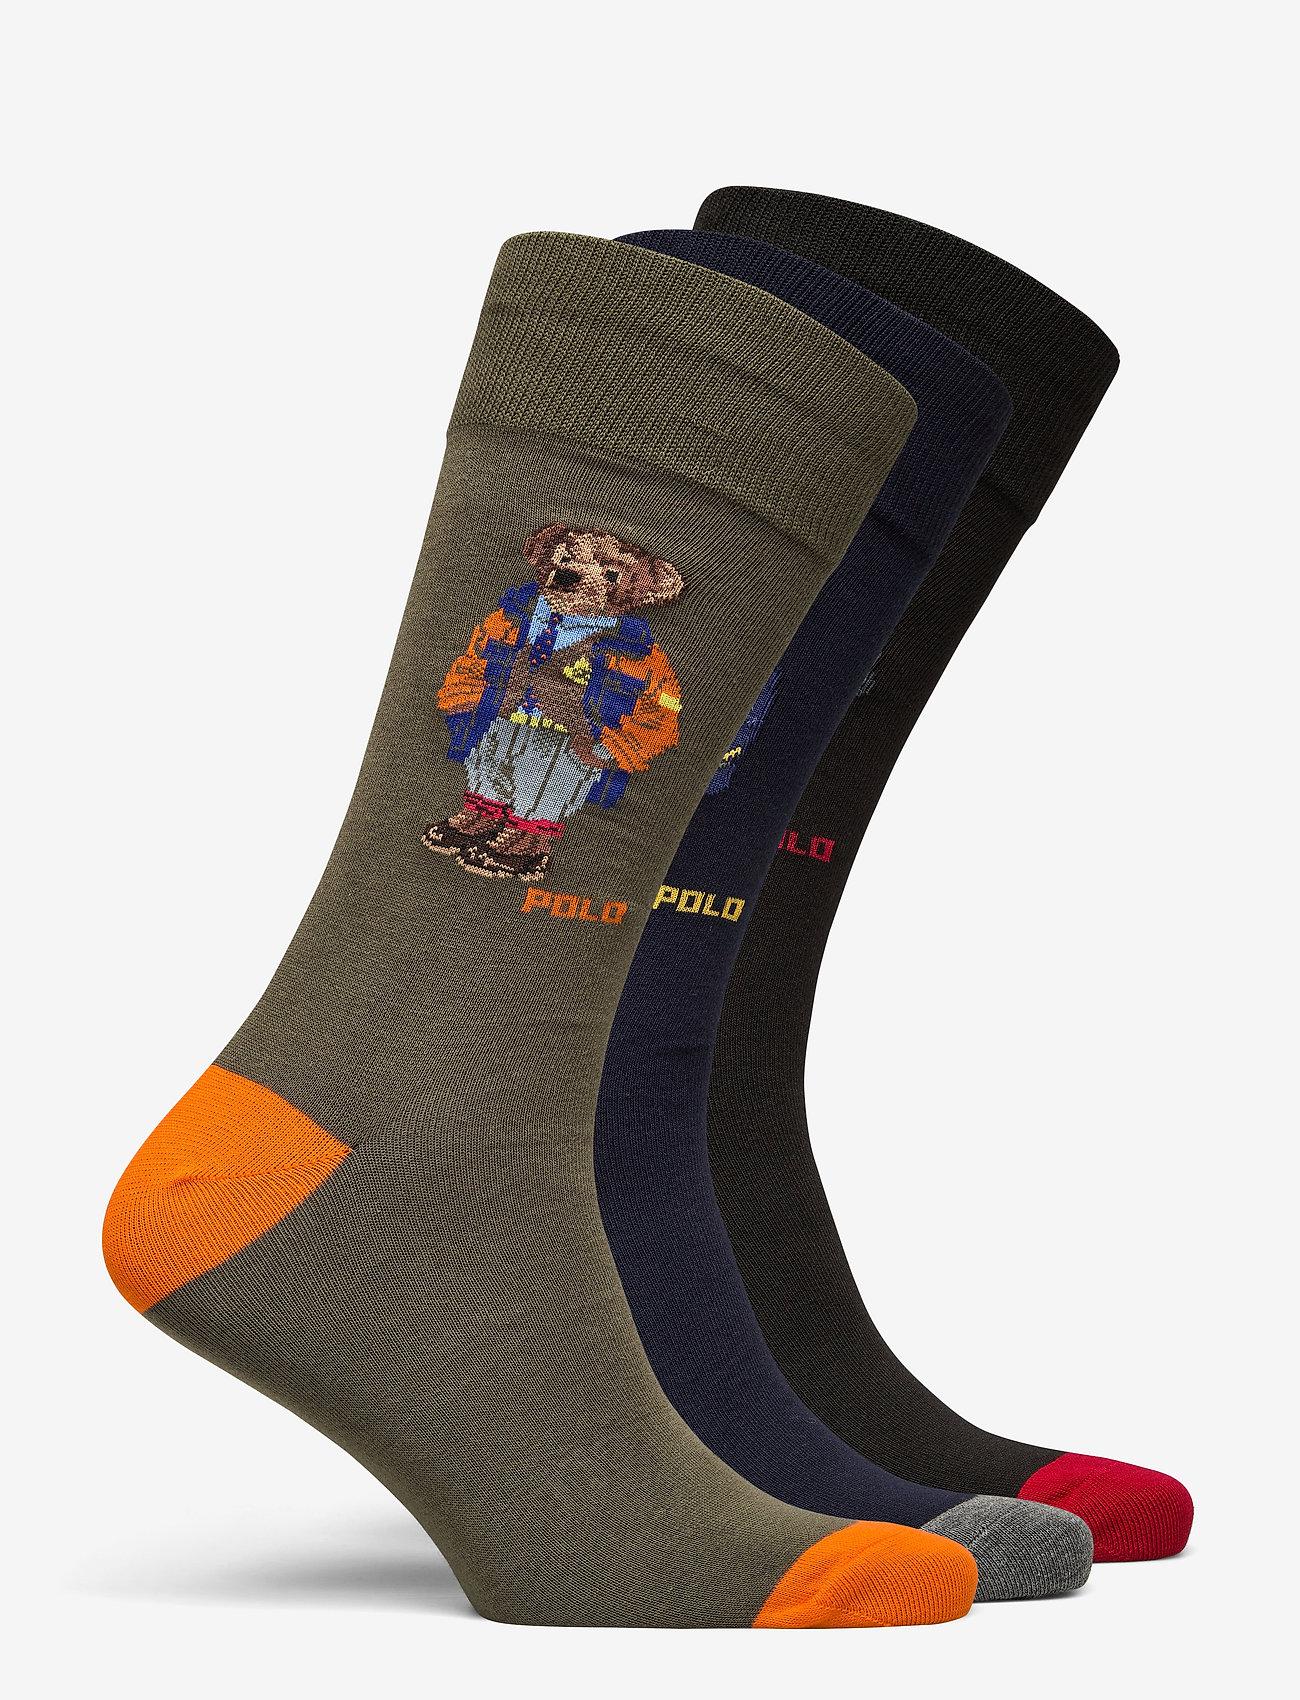 Polo Ralph Lauren - COMBED COTTON-3 BEAR CREW-GIFT BOX - regular socks - asst 991 - 1